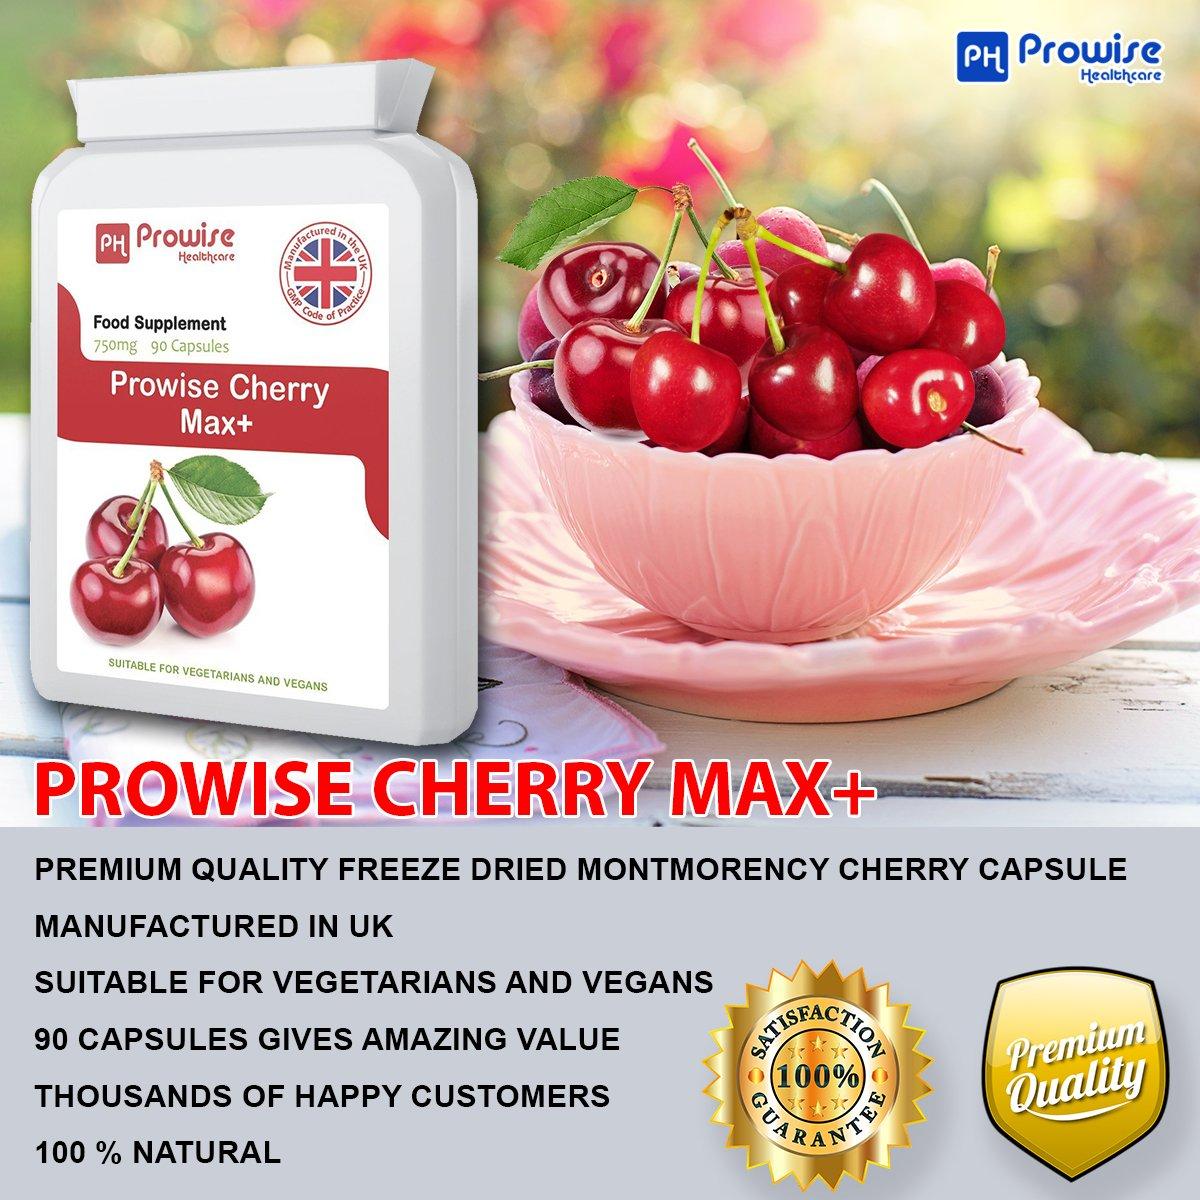 Cereza - Prowise Cherry Max 750 mg 90 cápsulas - Apto para vegetarianos y veganos - PAQUETE DE 2: Amazon.es: Salud y cuidado personal